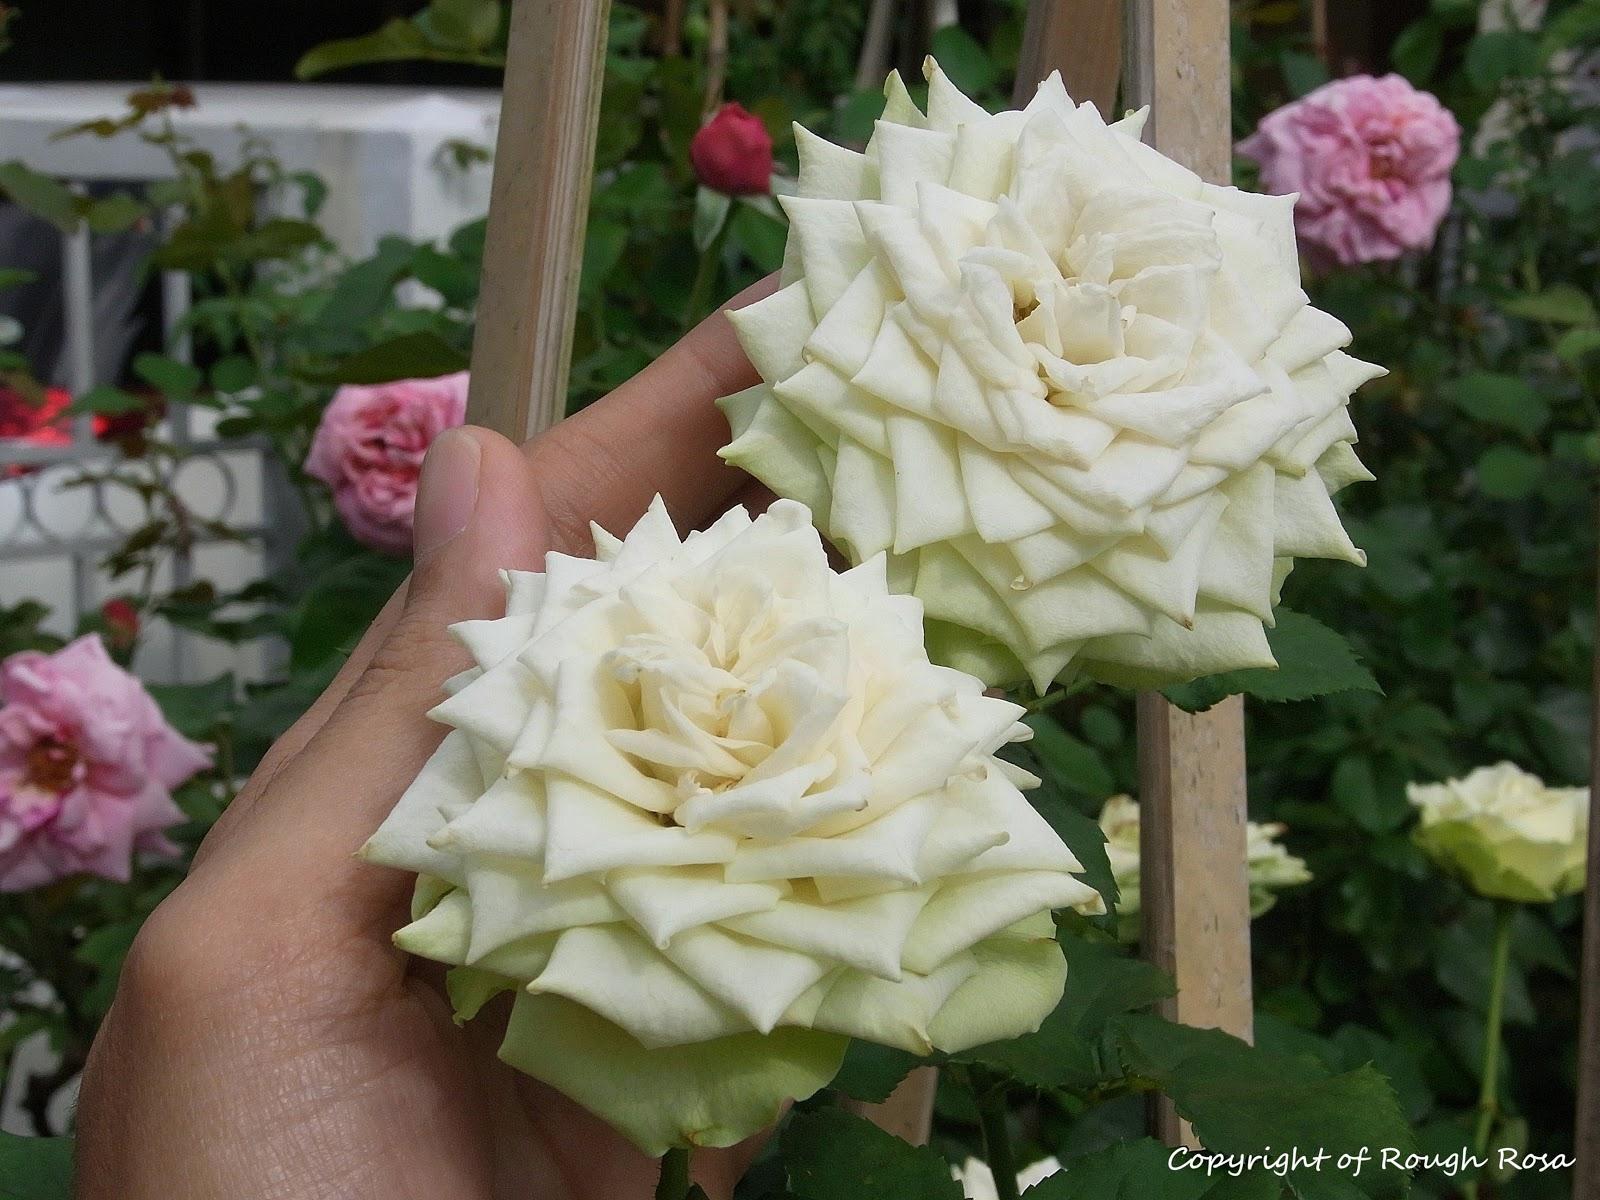 Bibit Eksotic Bunga Mawar Putih - Beli Harga Murah